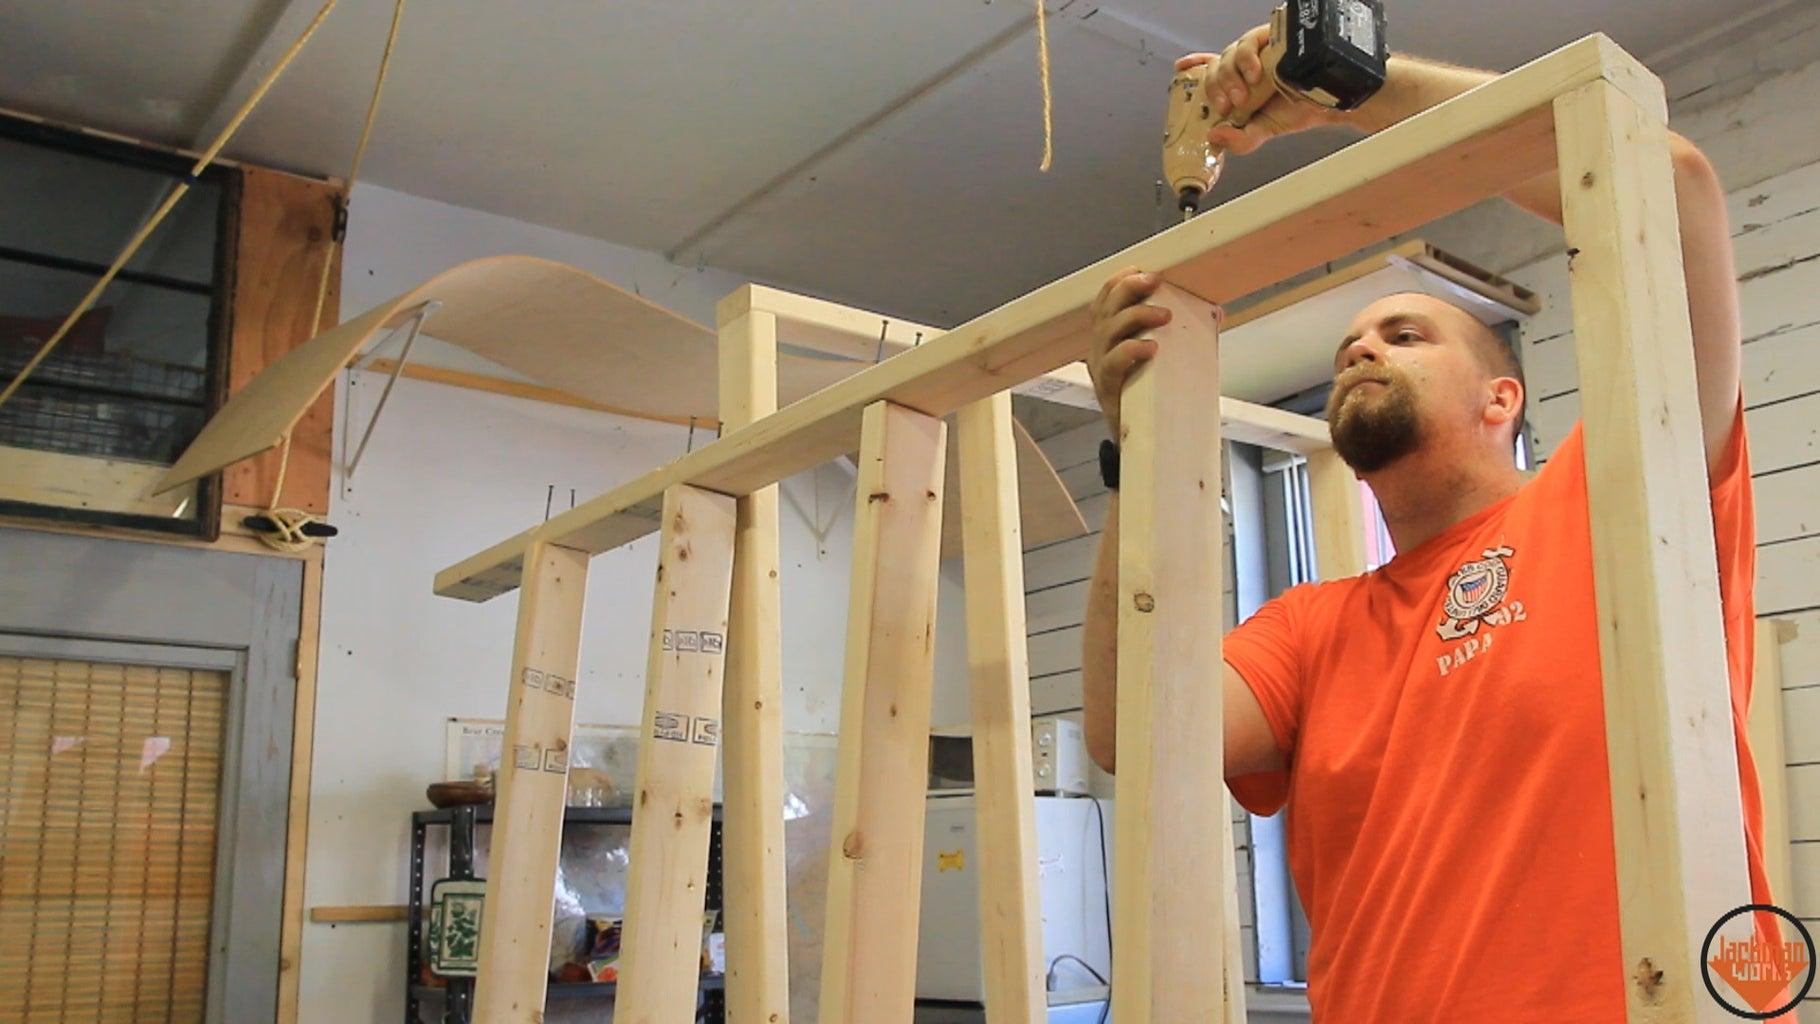 Building & Installing Loft